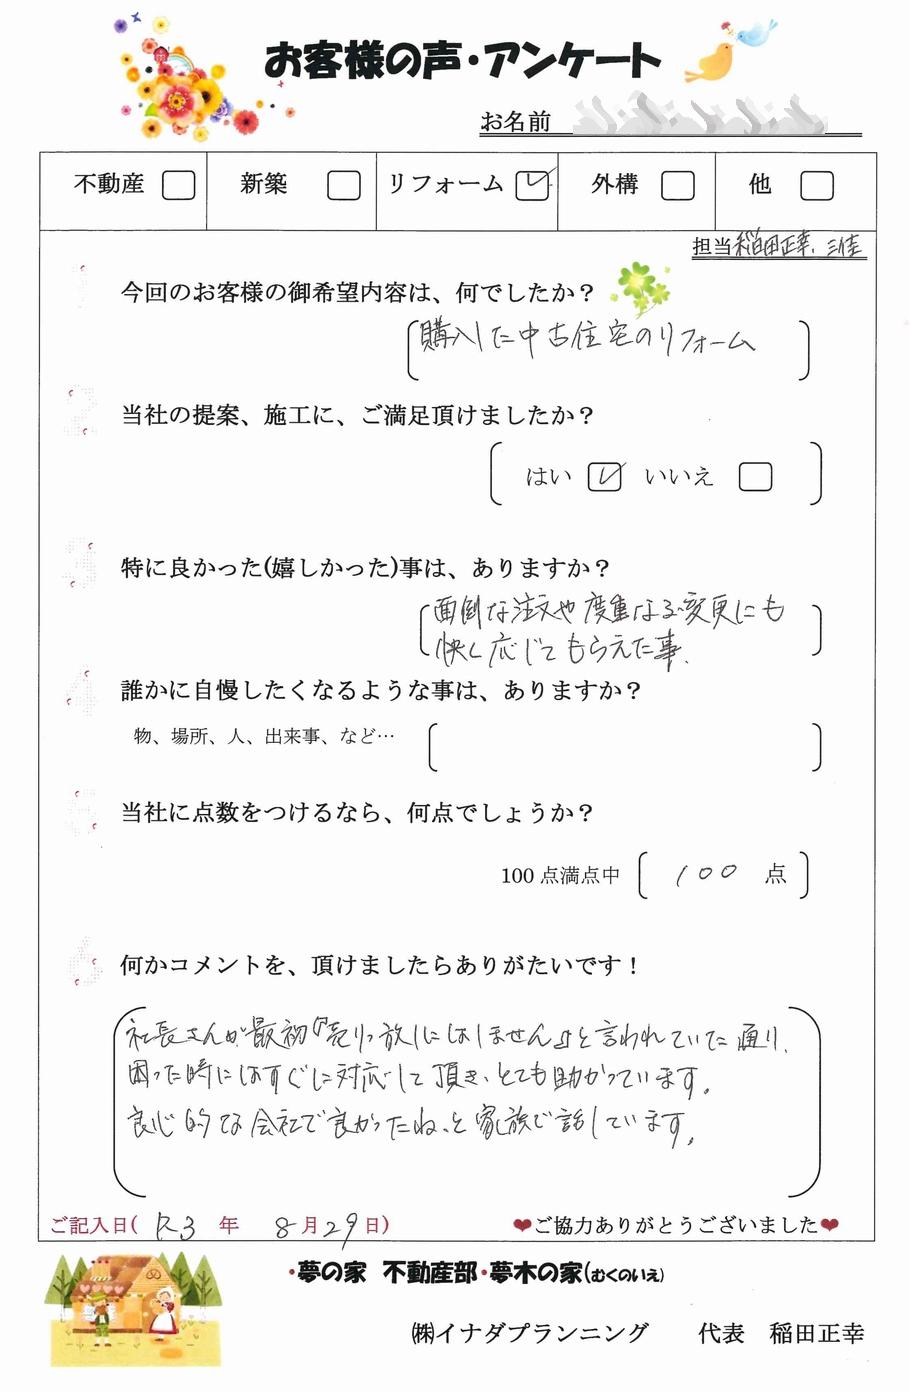 富士宮市内房中古住宅のリフォームアンケートの回答